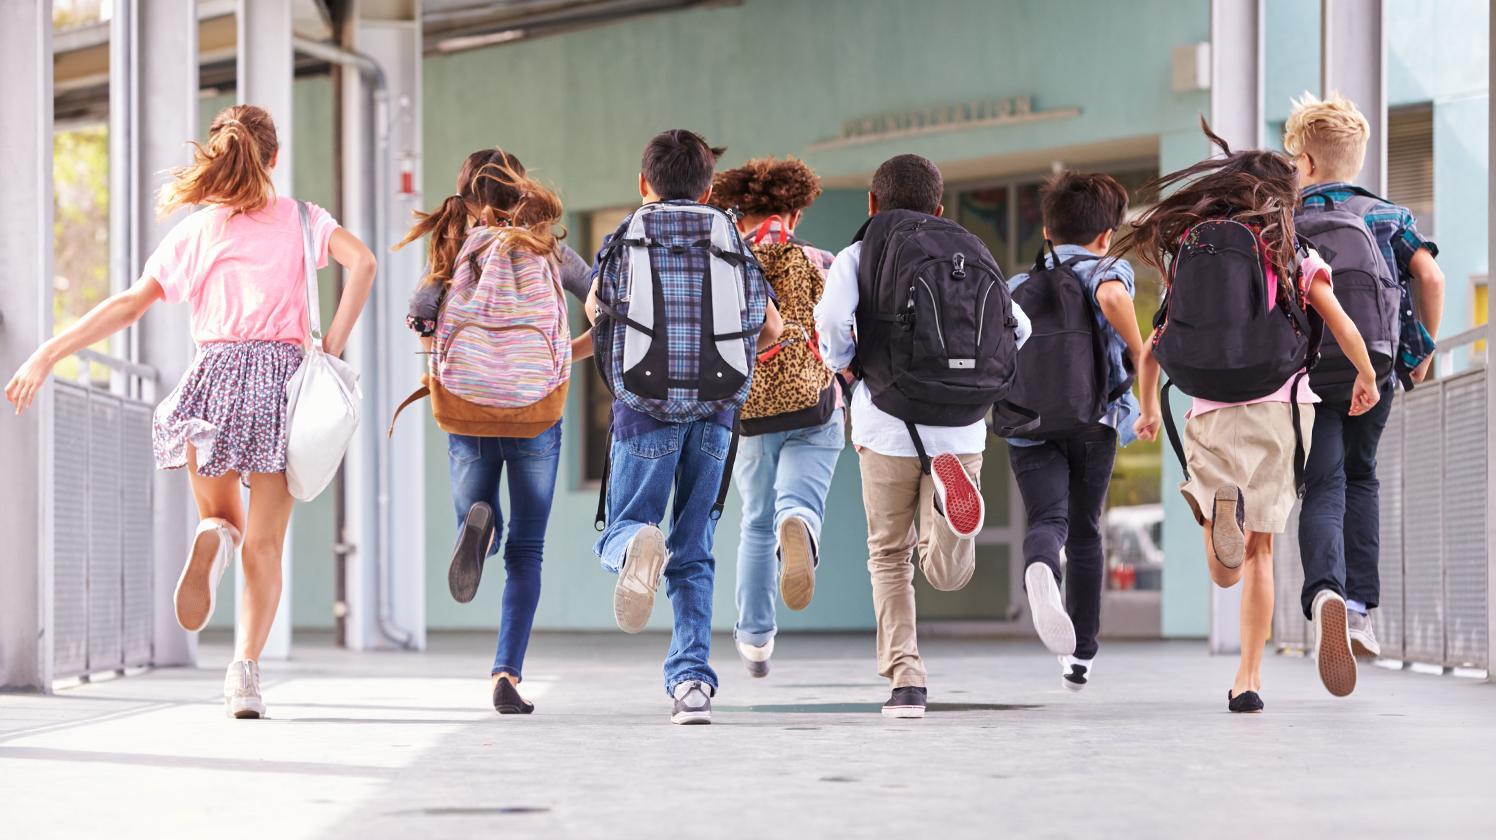 BRITA Wasser für Schulen – Kinder laufen in Schule